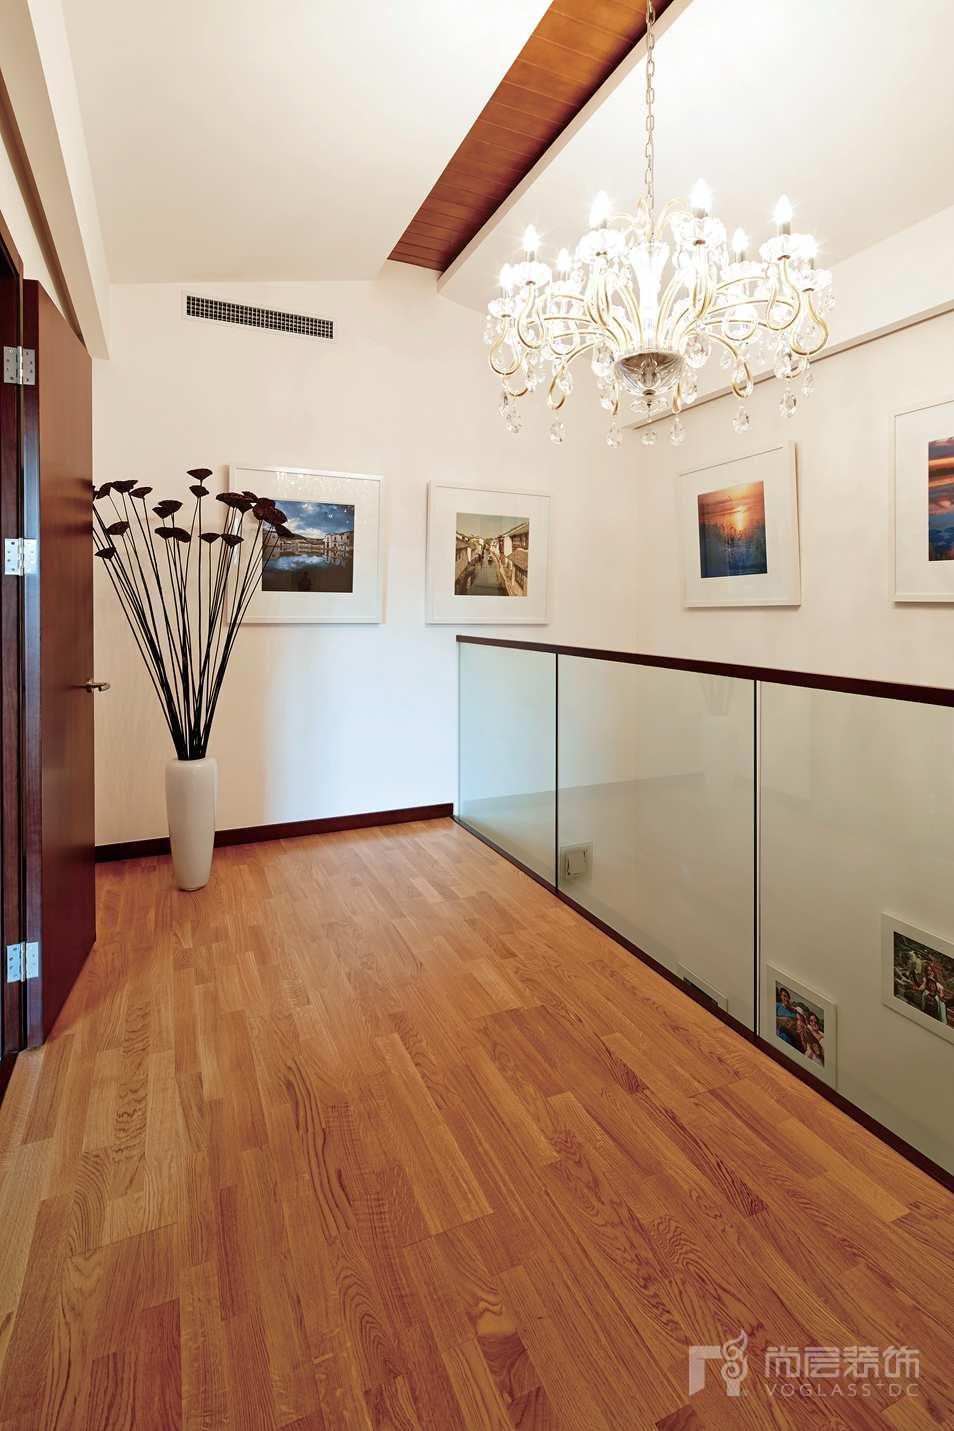 香江别墅装修墙上是赵先生的摄影作品展示